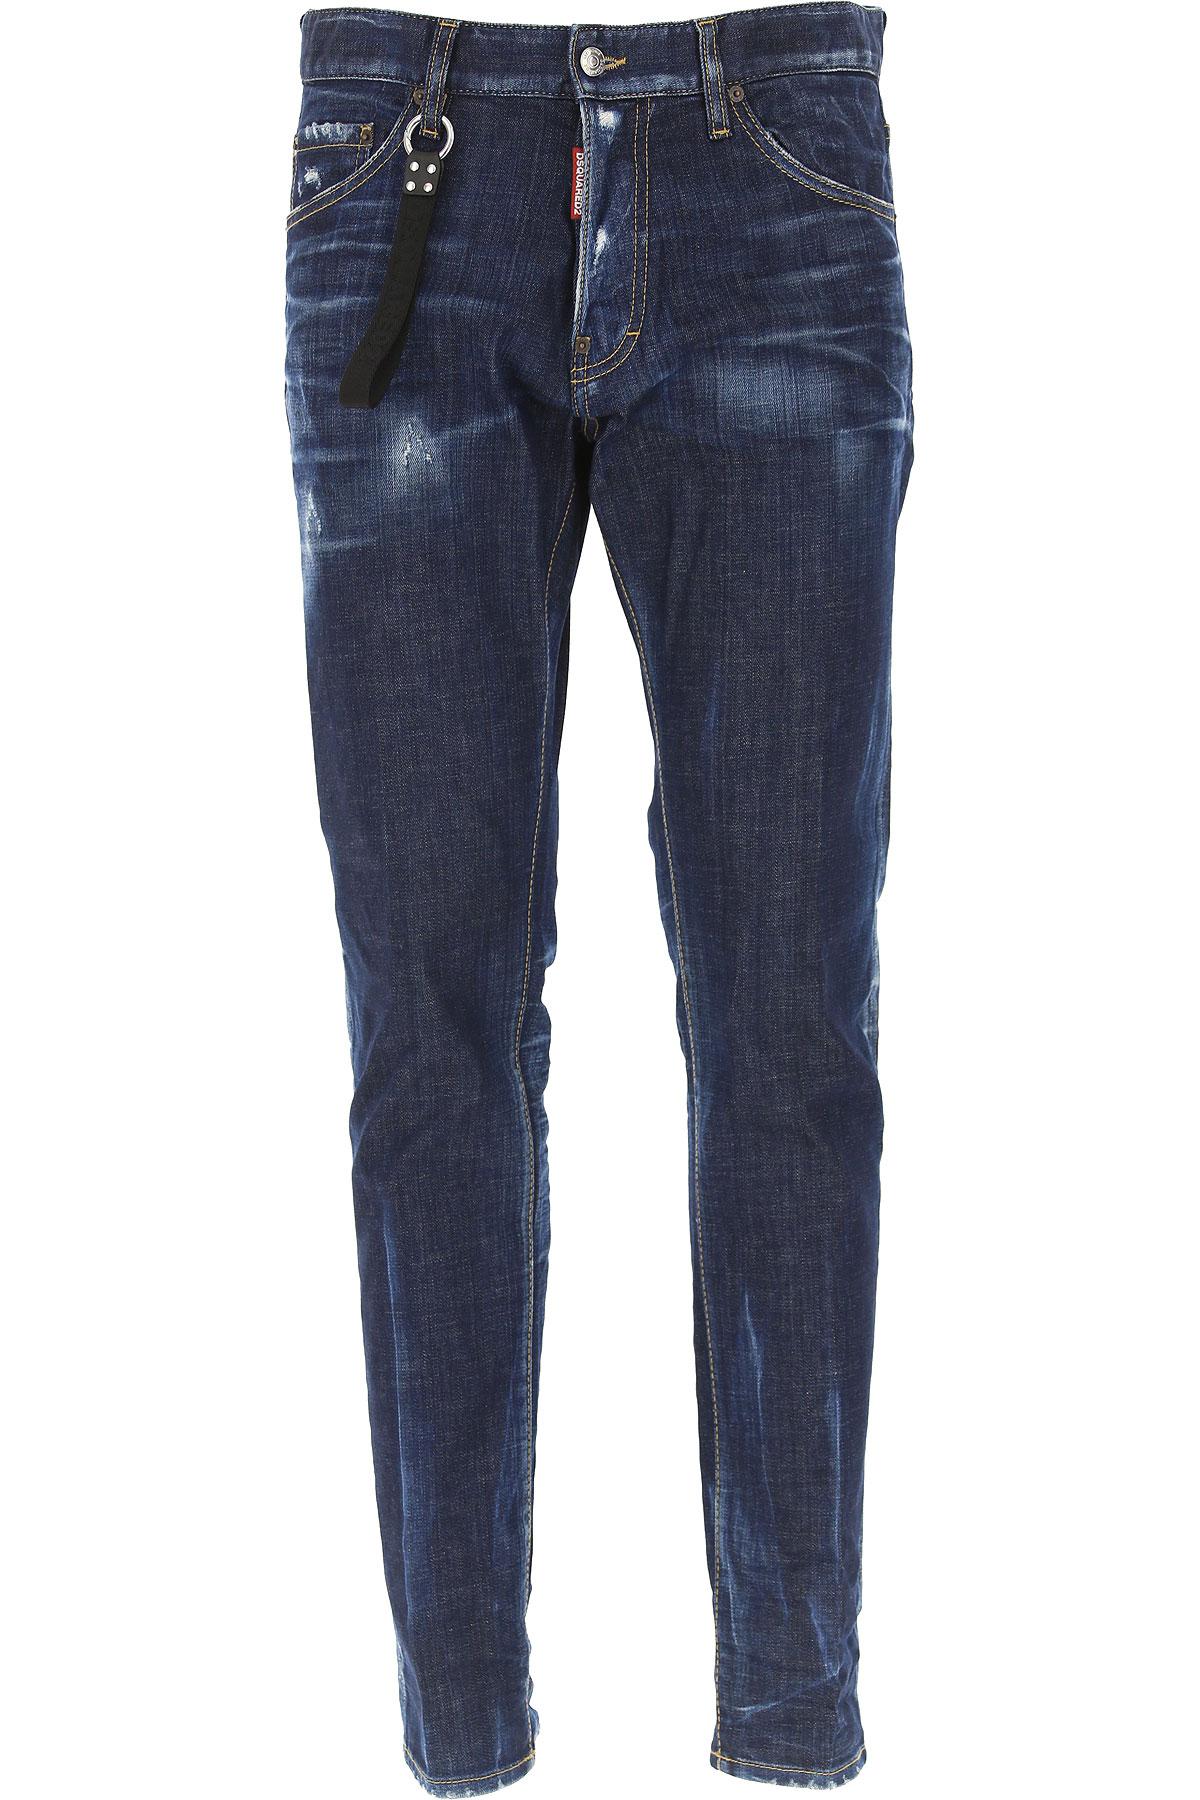 Dsquared2 Jeans, Cool Guy Jean, Denim Blue, Cotton, 2017, 28 30 32 34 36